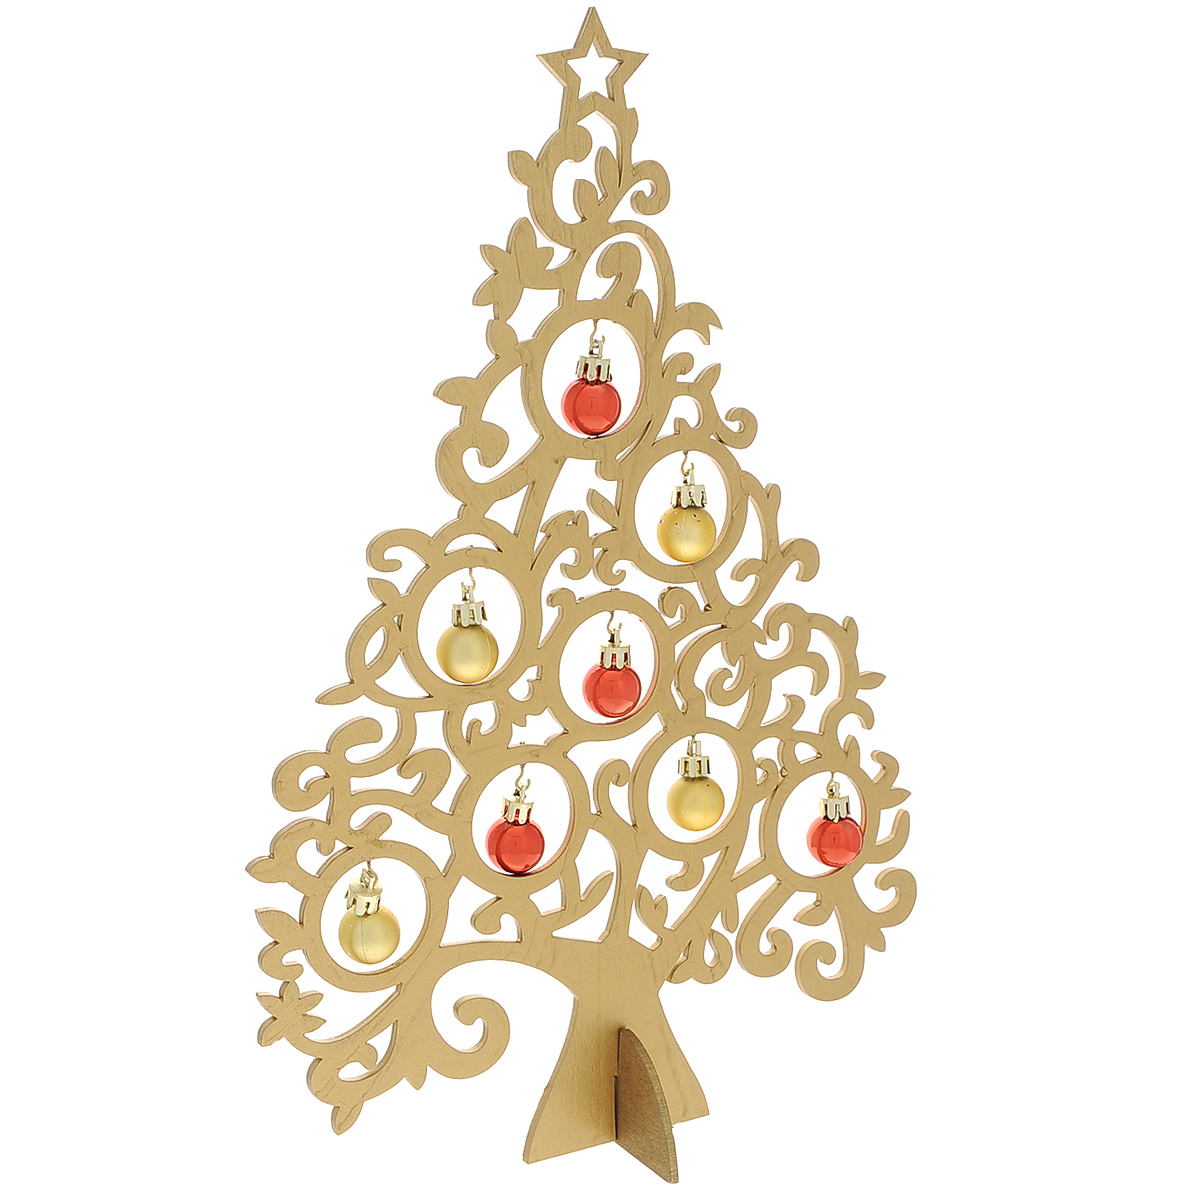 Новогодняя ель с игрушками Ажур, цвет: золотистый, 37 см. 3569535695Новогодняя ель с игрушками Ажур изготовлена из древесины тополя. В комплект к ели прилагаются пластиковые шарики, а также подставка.Красивое новогоднее украшение будет готово, стоит подвесить игрушки на елку. Новогодняя игрушка - символ Нового года. Она несет в себе волшебство и красоту праздника. Создайте в своем доме атмосферу веселья и радости, украшая новогоднюю елку нарядными игрушками, которые будут из года в год накапливать теплоту воспоминаний. Коллекция декоративных украшений принесет в ваш дом ни с чем несравнимое ощущение волшебства! Откройте для себя удивительный мир сказок и грез. Почувствуйте волшебные минуты ожидания праздника, создайте новогоднее настроение вашим дорогим и близким.